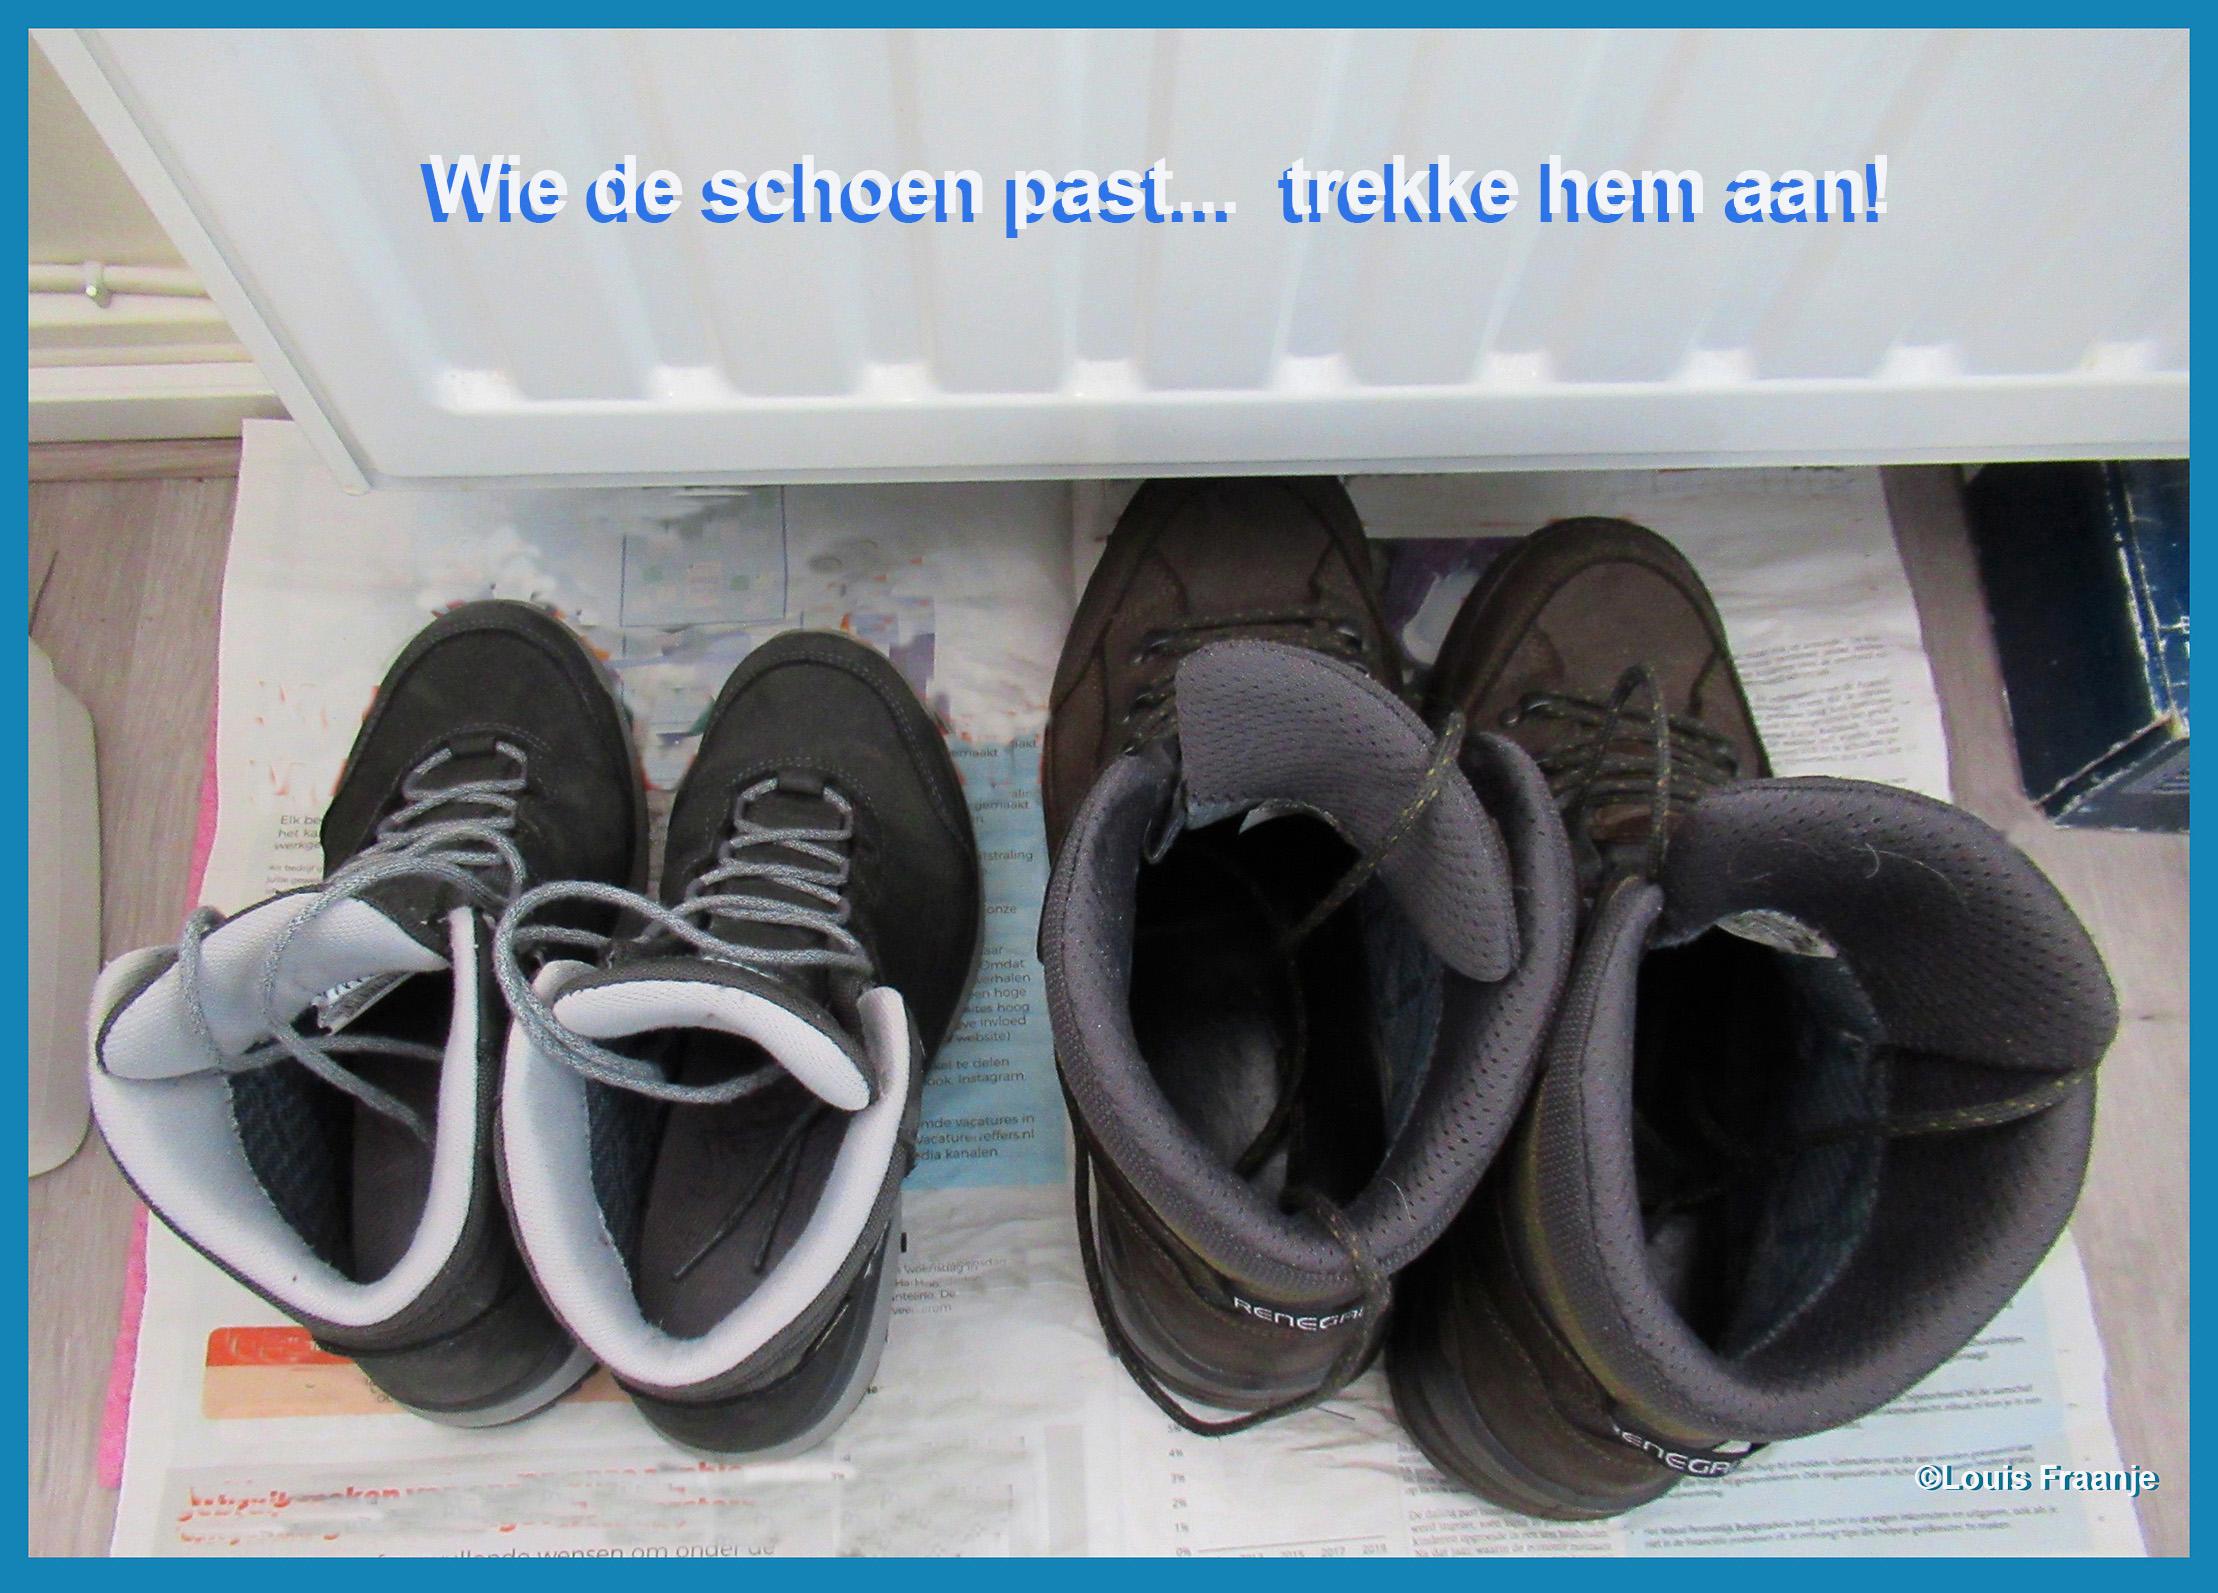 De wandelschoenen staan er nu ook 'warmpjes' bij - Foto: ©Louis Fraanje